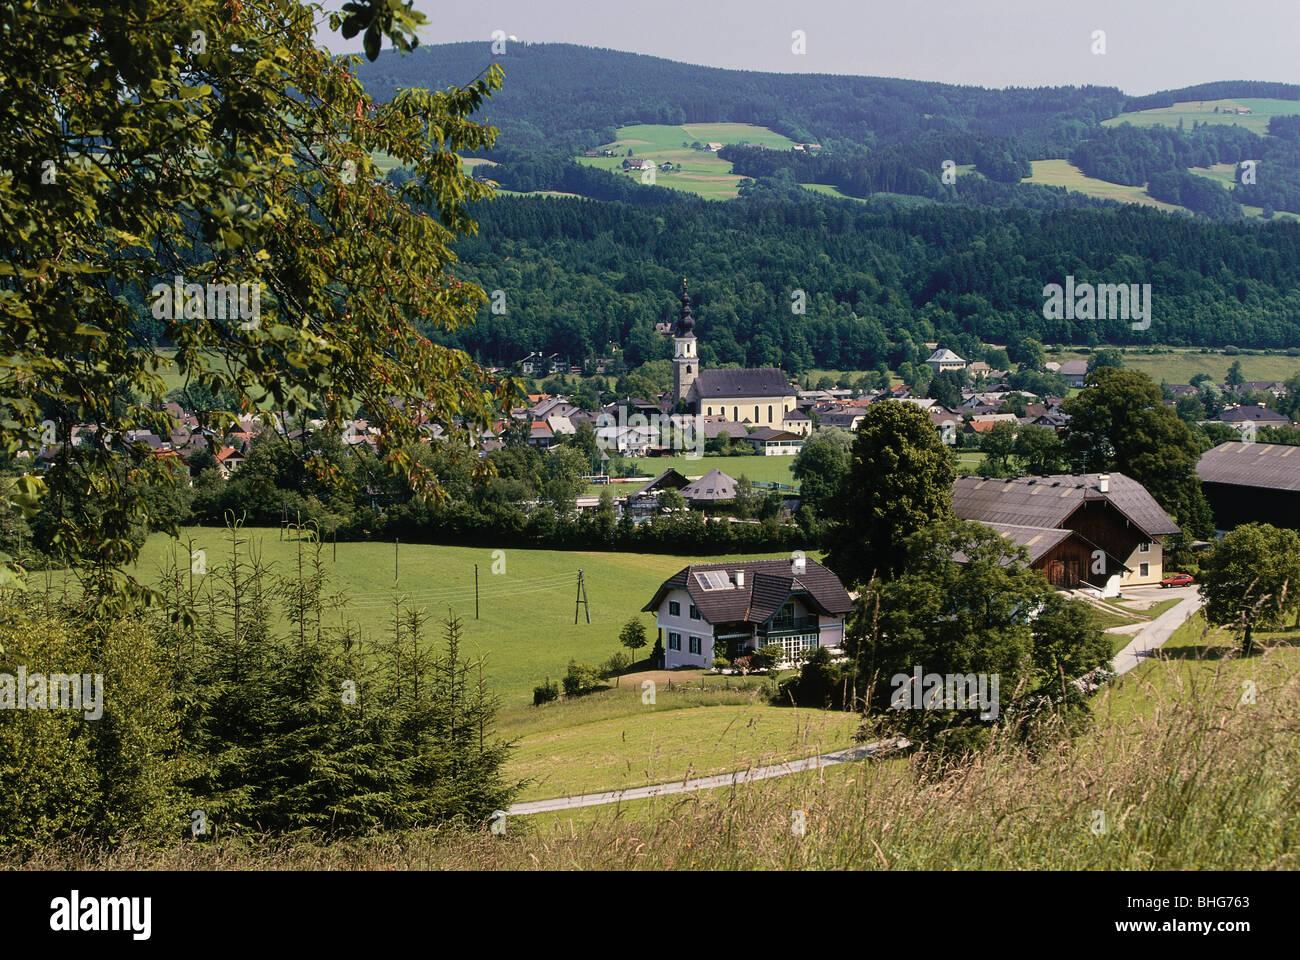 Geographie/Reisen, Österreich, Salzburg (Bundesland), Thalgau, Blick auf die Stadt/Stadtansichten, Blick auf Stockbild